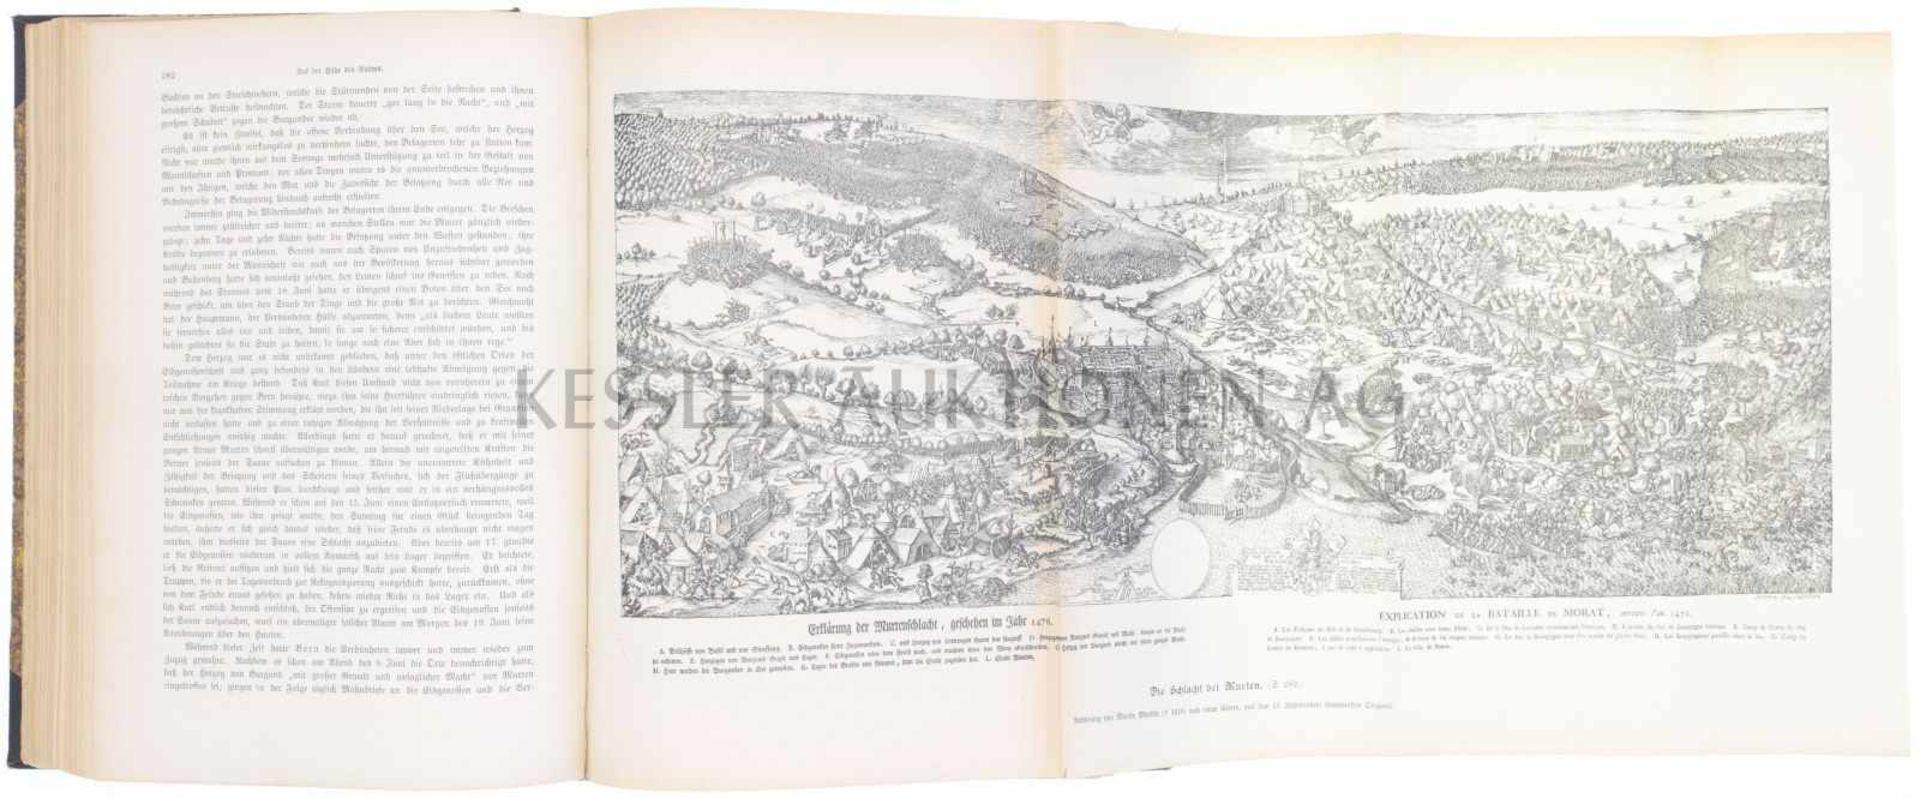 Los 3 - Buch, Kriegstaten der Schweizer Oberst Emil Frey, Alt Bundesrat verfasste dieses Buch 1904. Auf